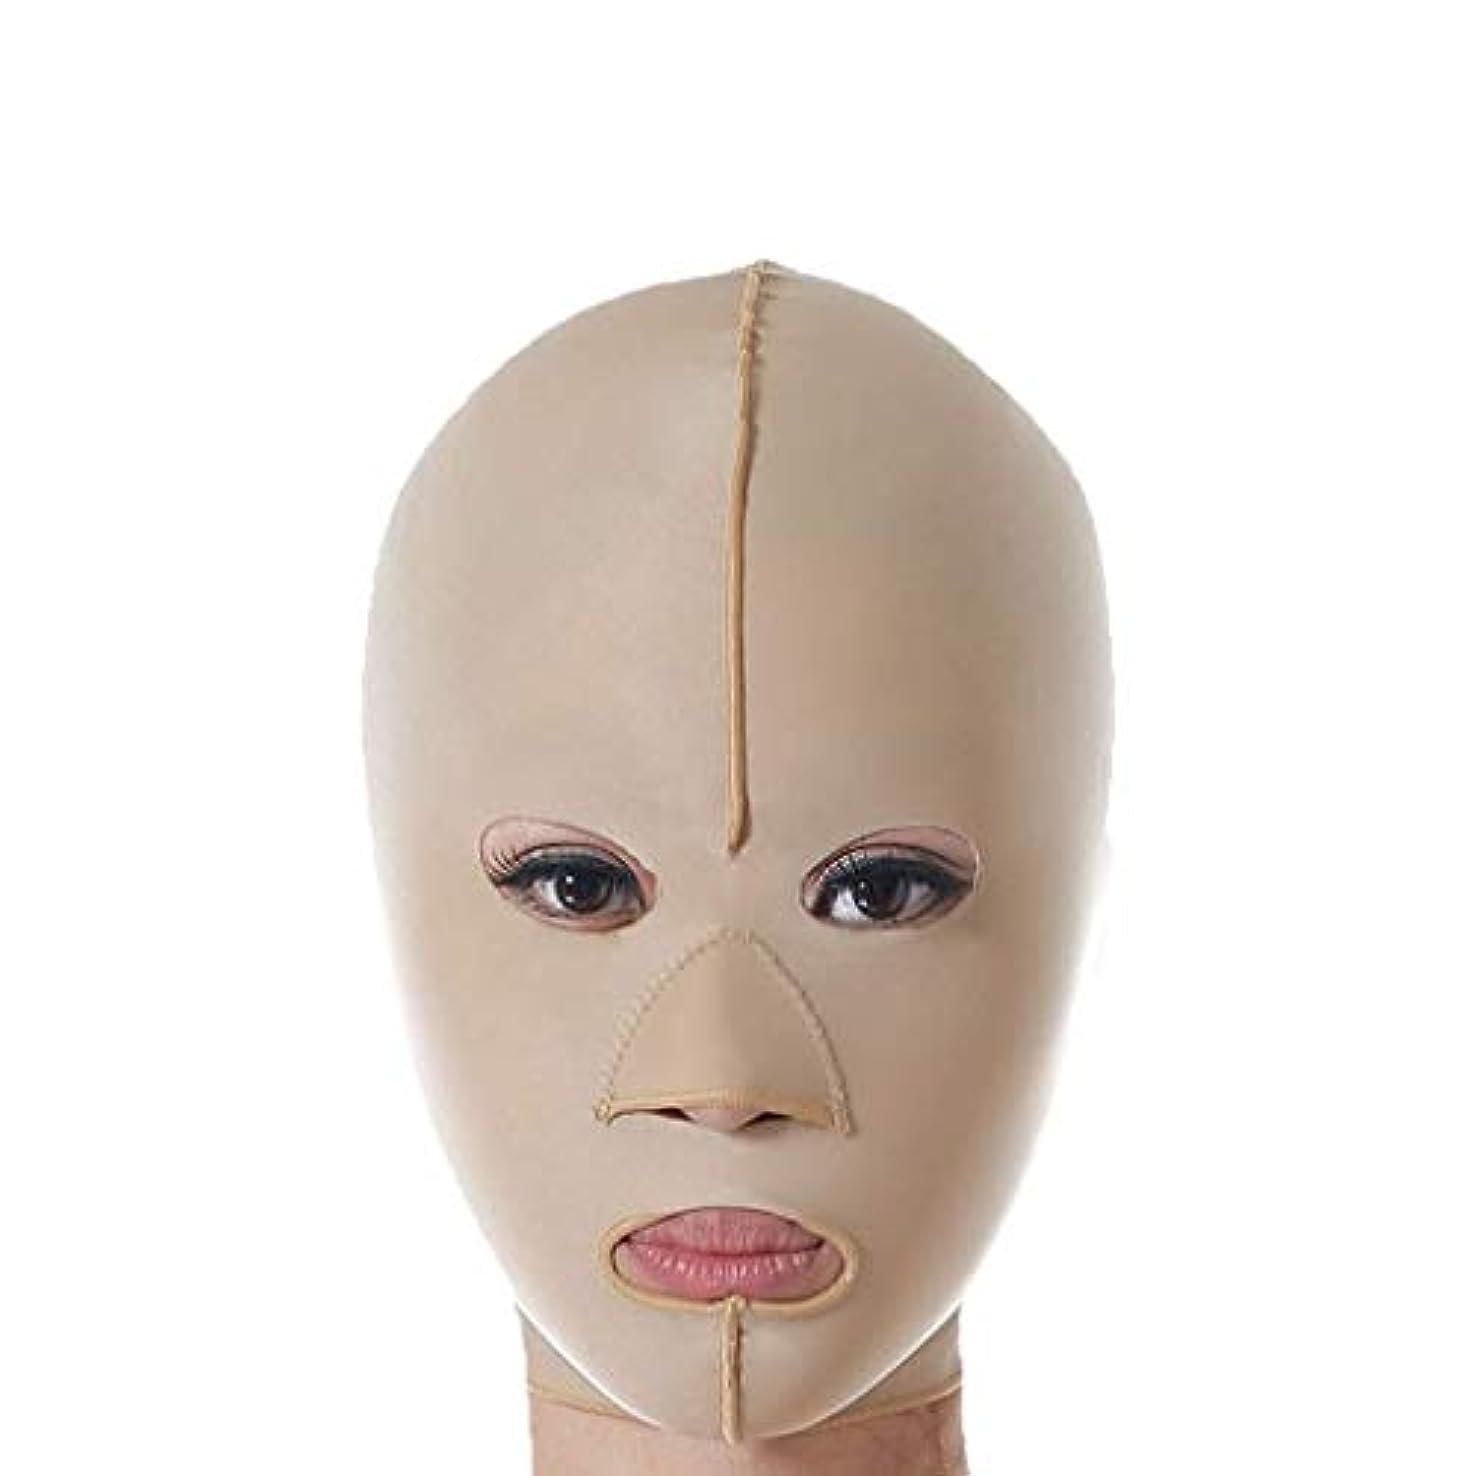 減量フェイスマスク、リフティング包帯、スリムフェイスリフトリフティングベルト、フェイシャル減量リフティング包帯、リフティングファーミング包帯(サイズ:XL),M